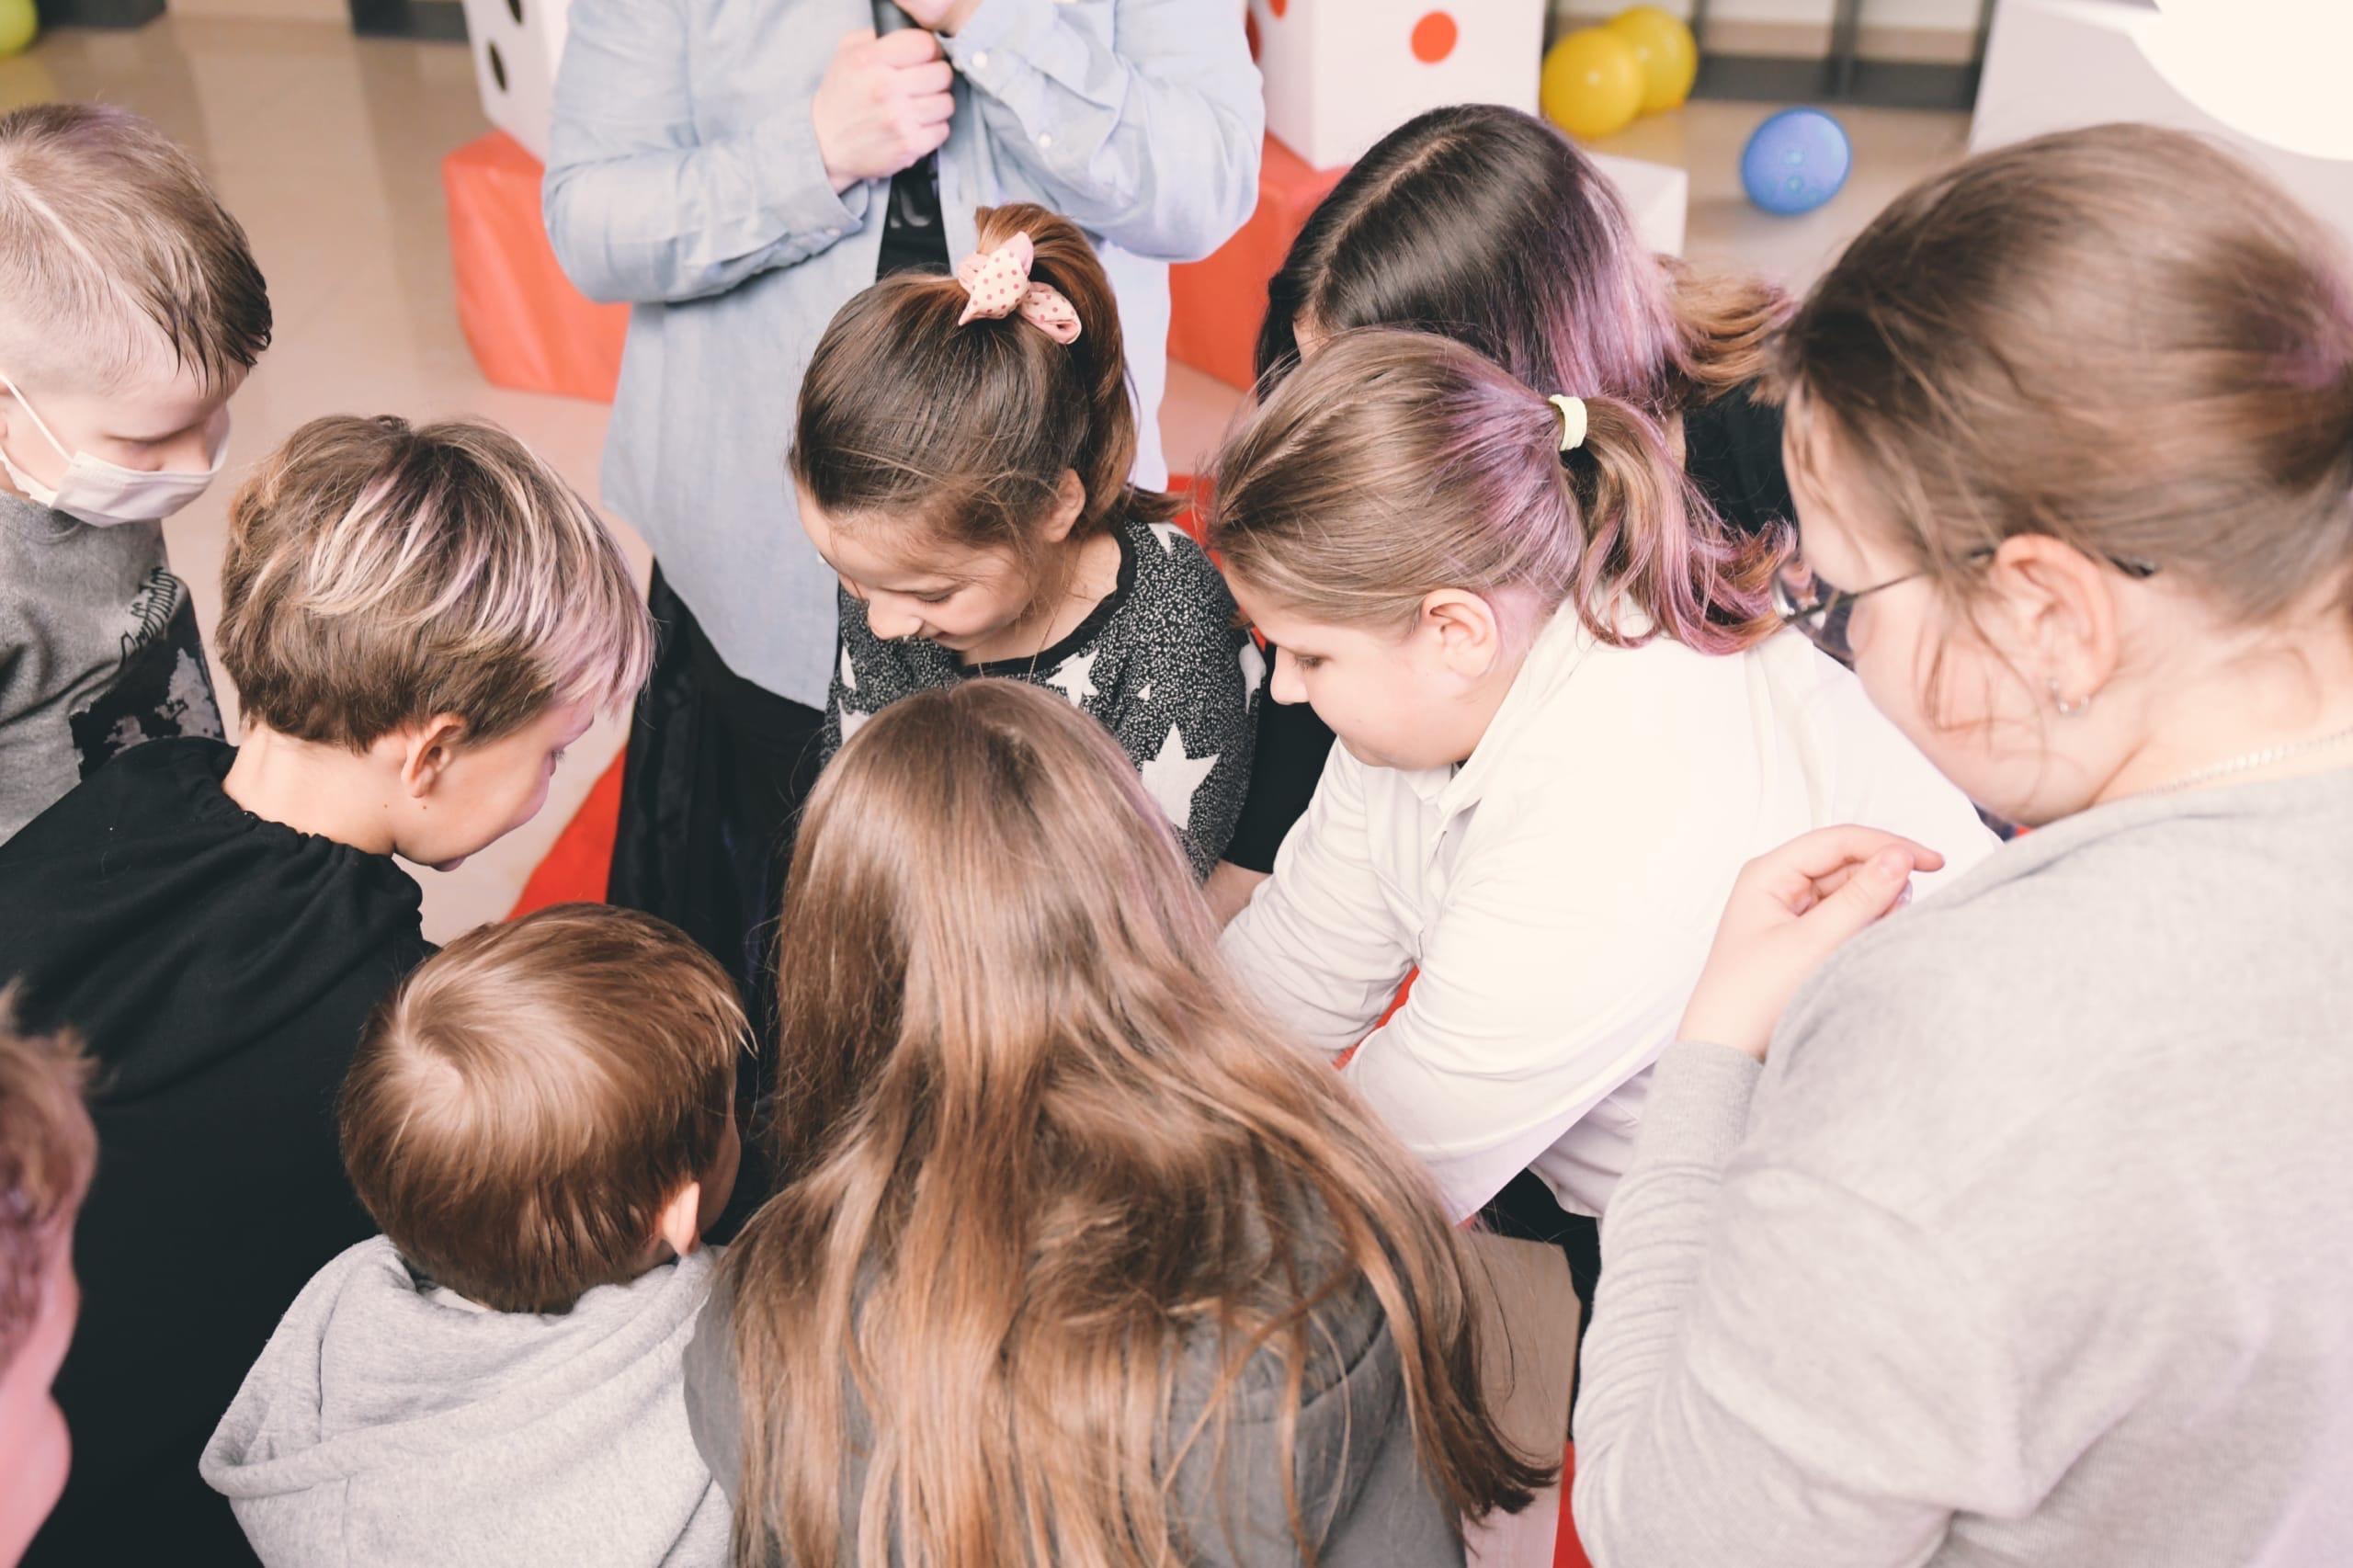 Игру «Брейн-ринг» провели сотрудники Культурного центра «Киевский»